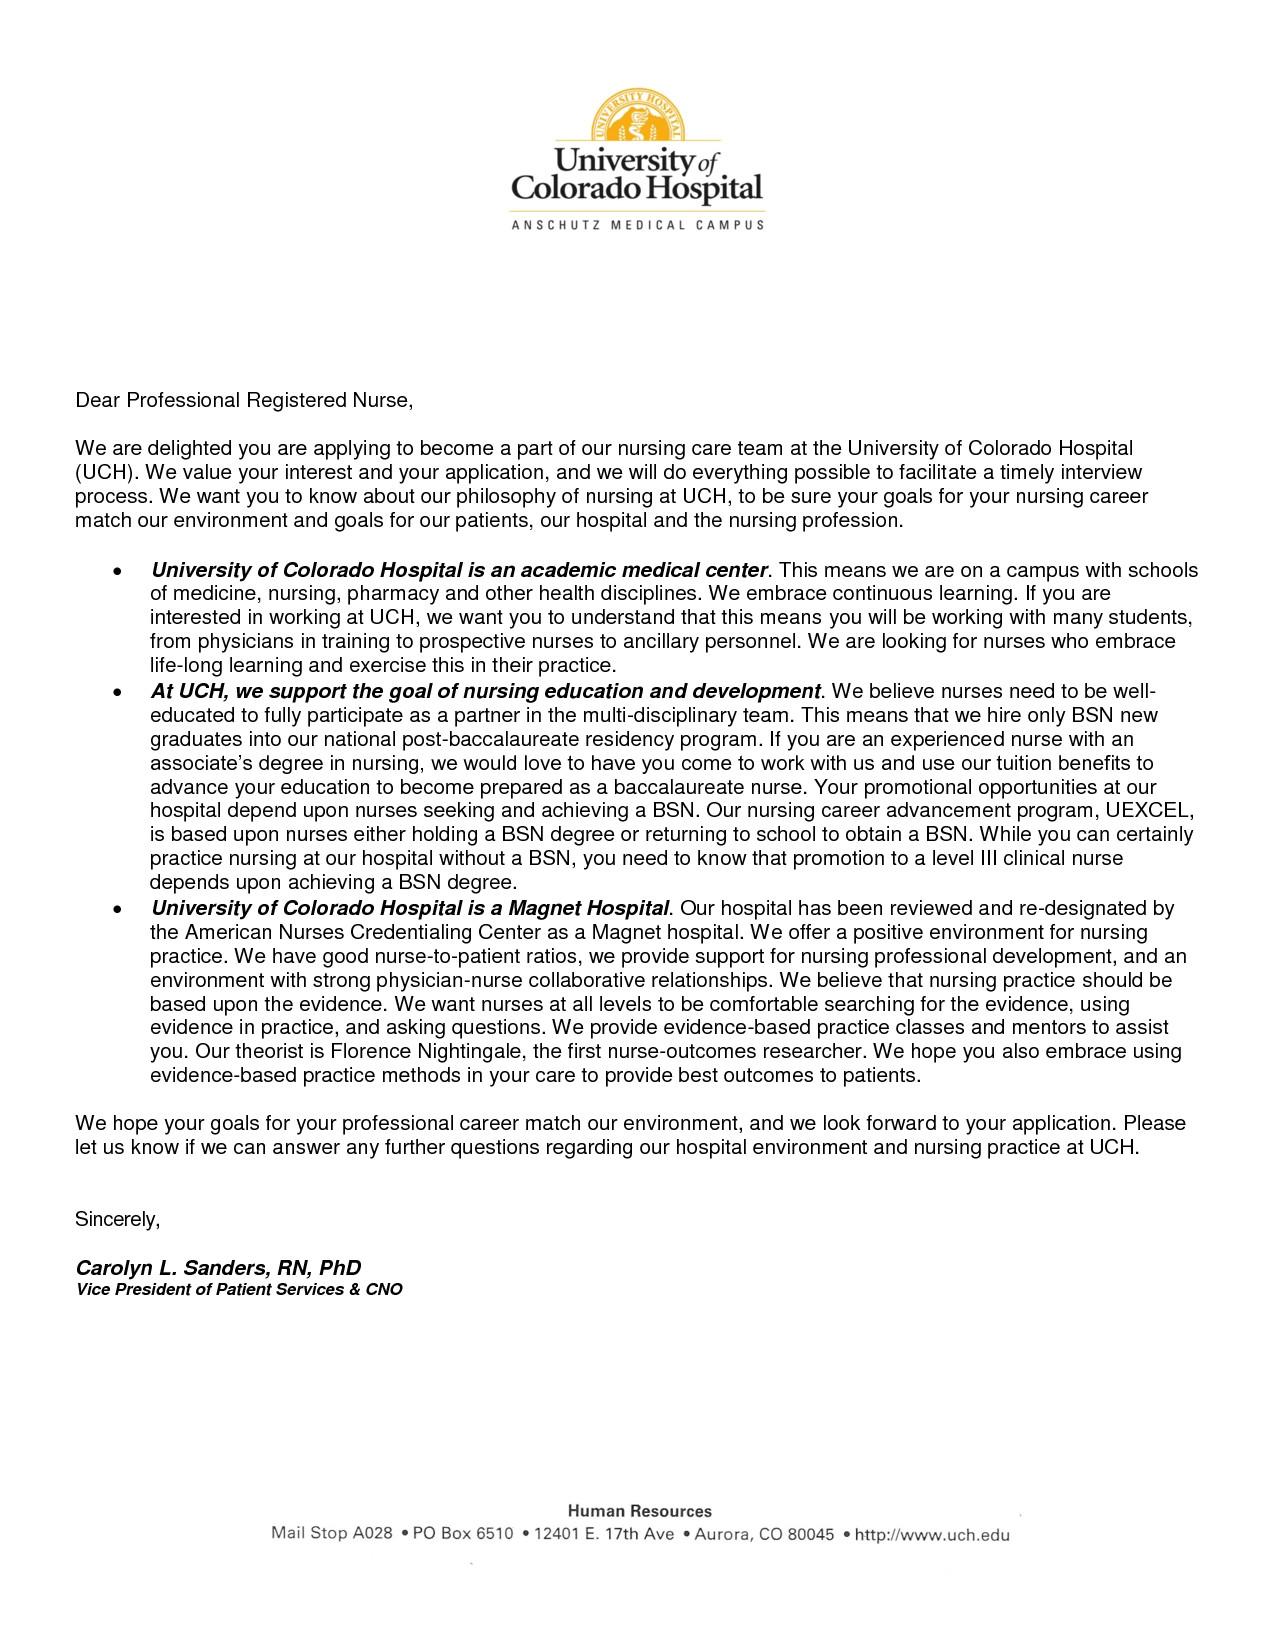 sample cover letter for nurses in australia